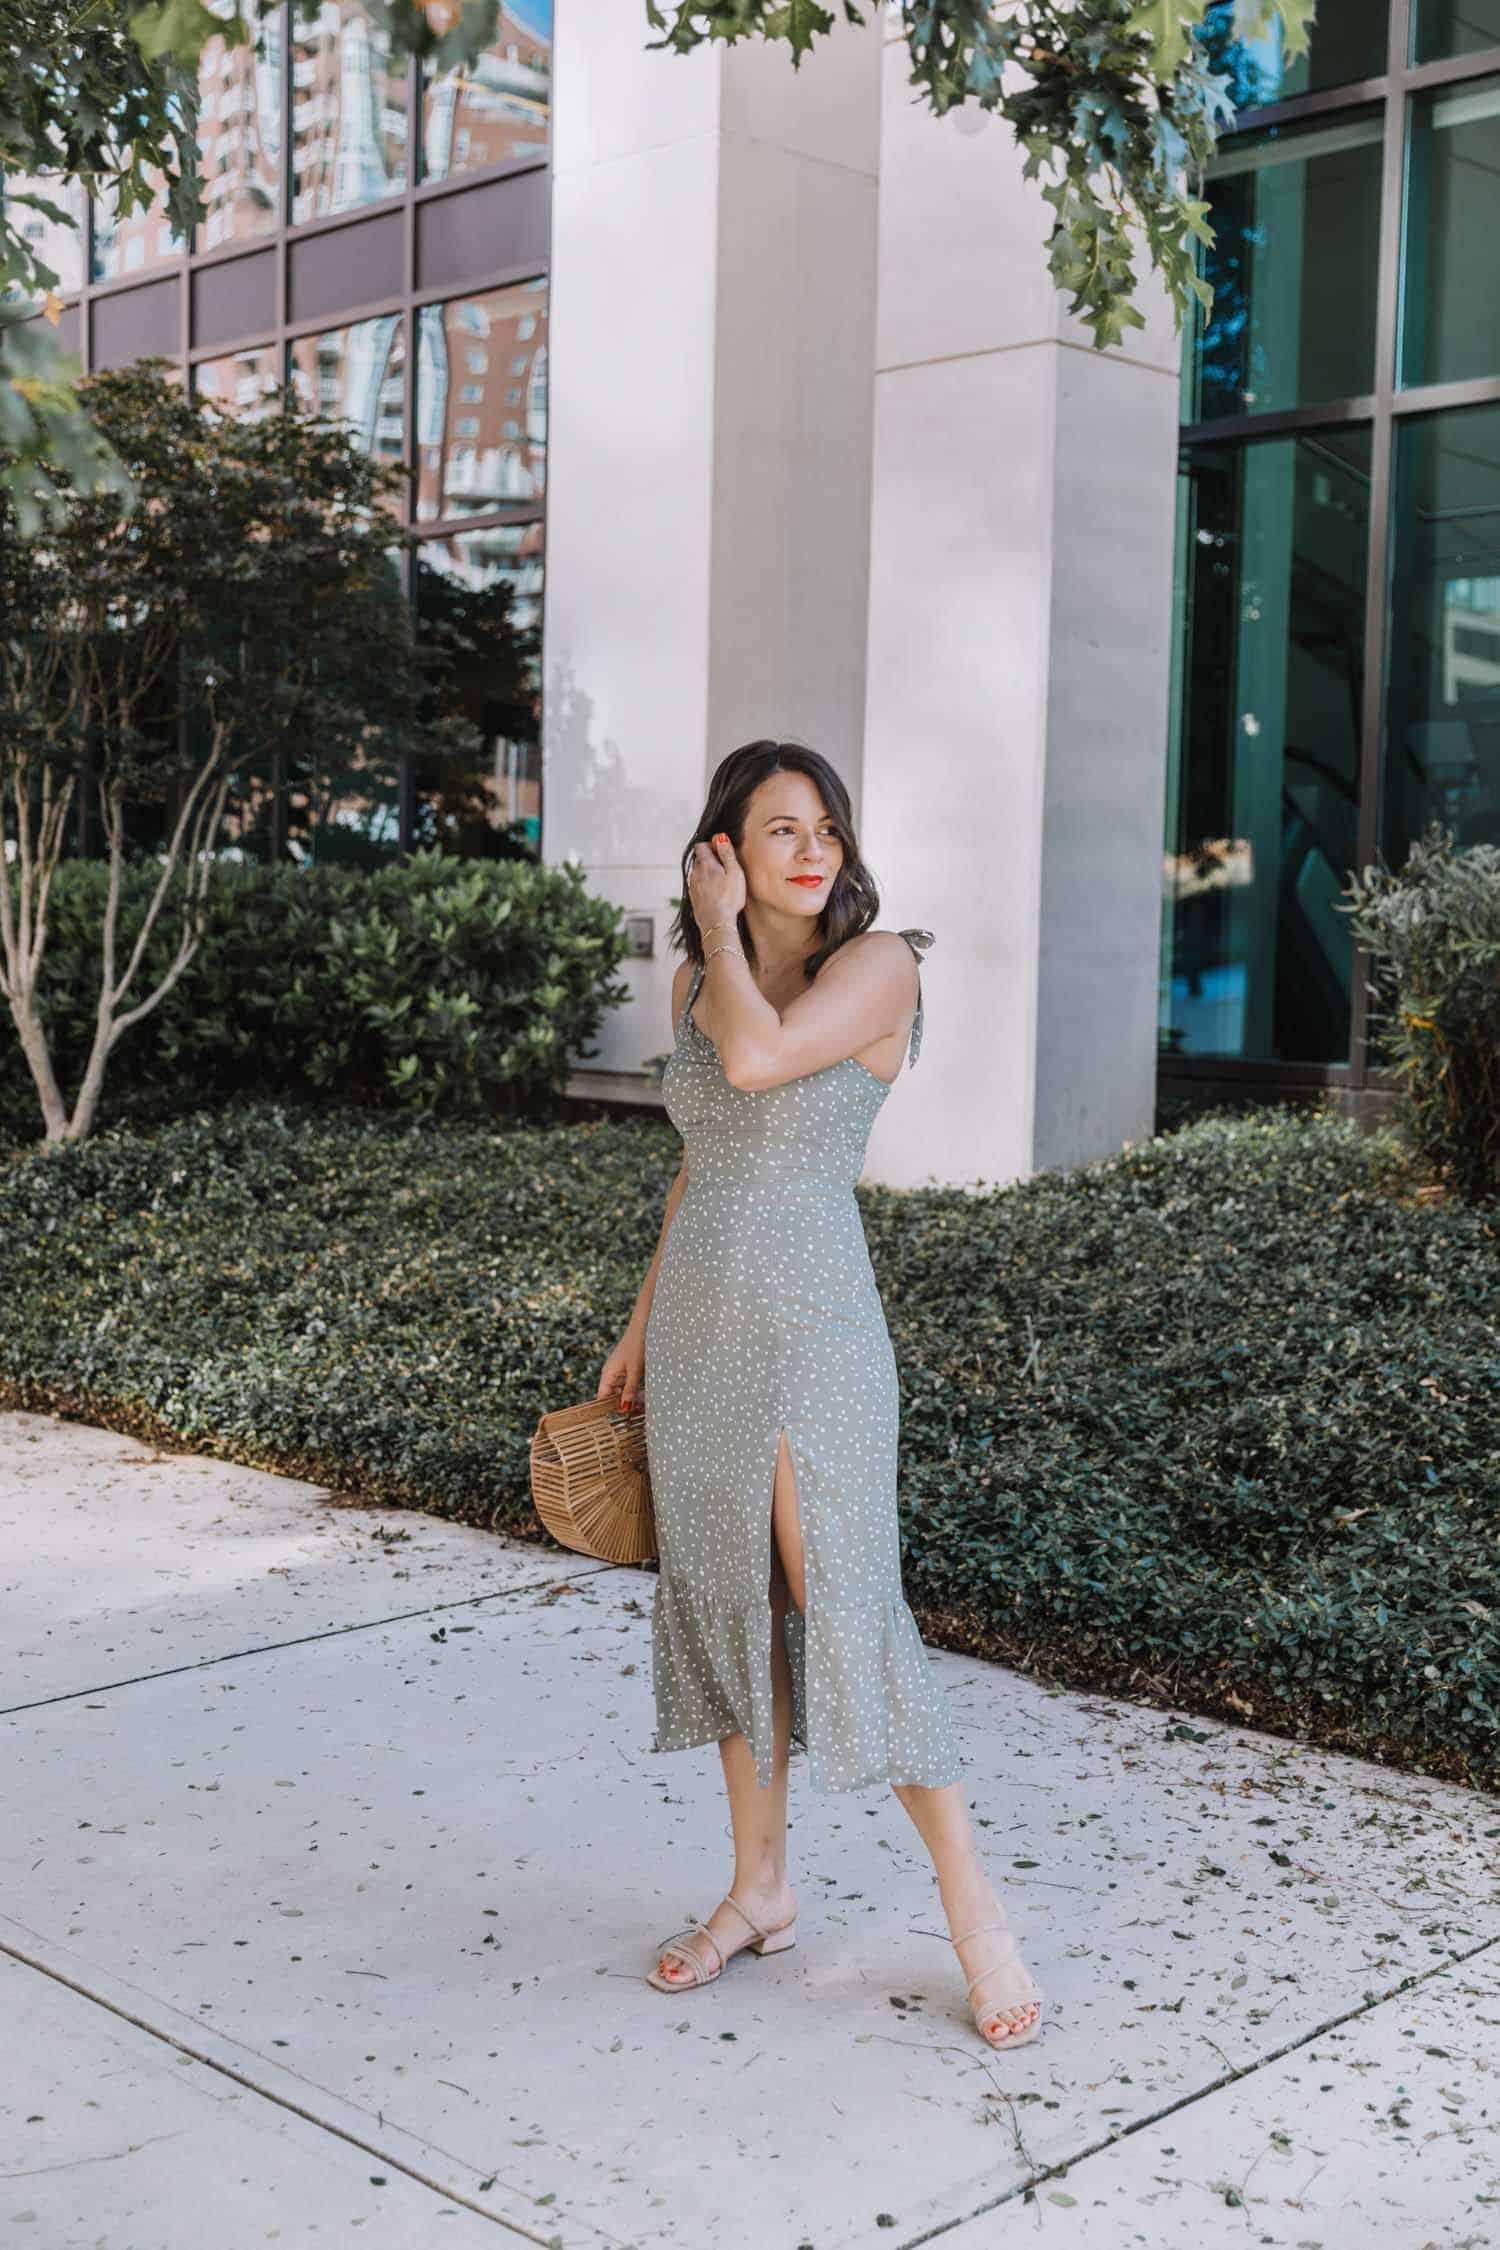 Jessica wears Abercrombie midi dress